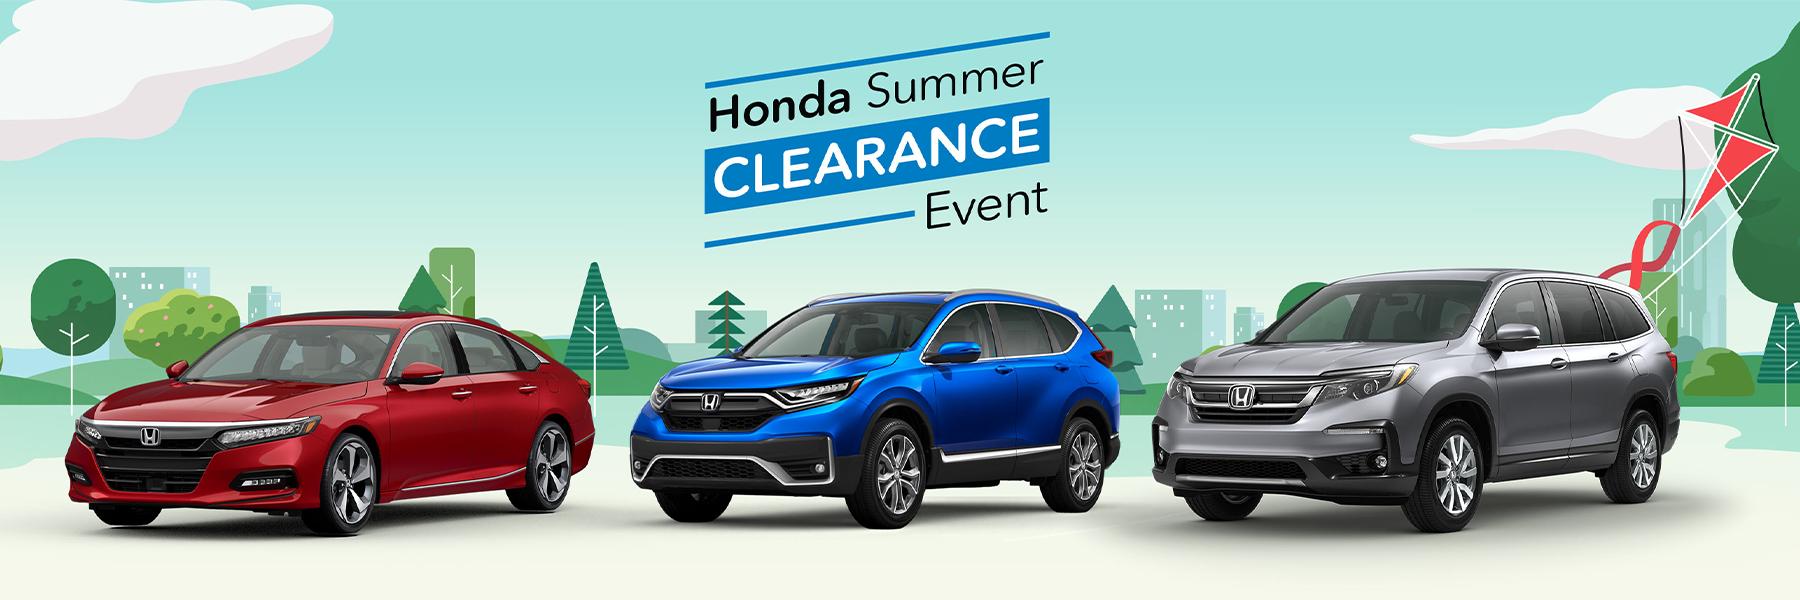 Honda Summer Event